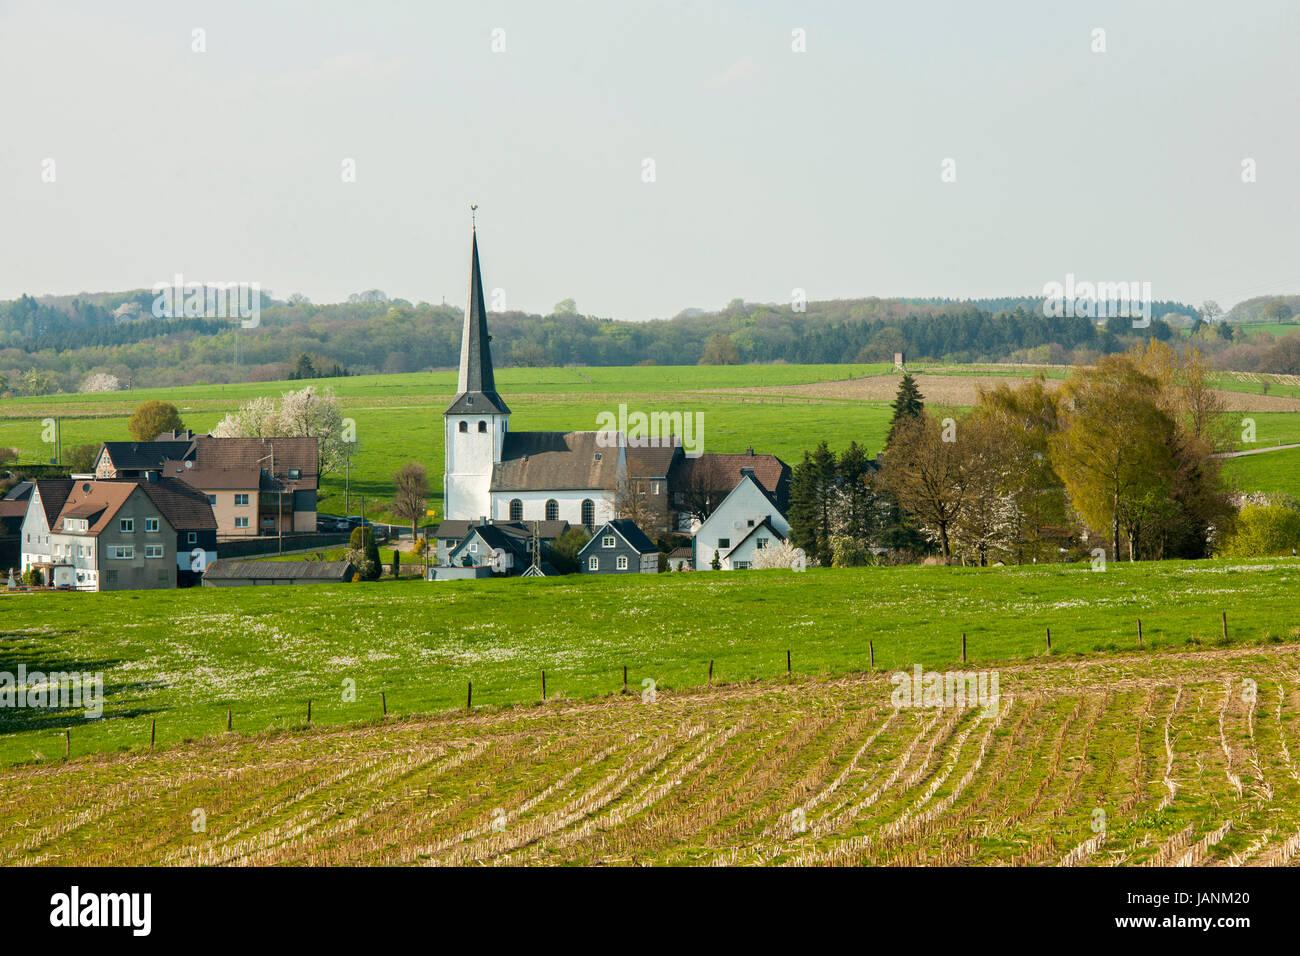 Deutschland, Oberbergischer Kreis, Radevormwald-Remlingrade - Stock Image